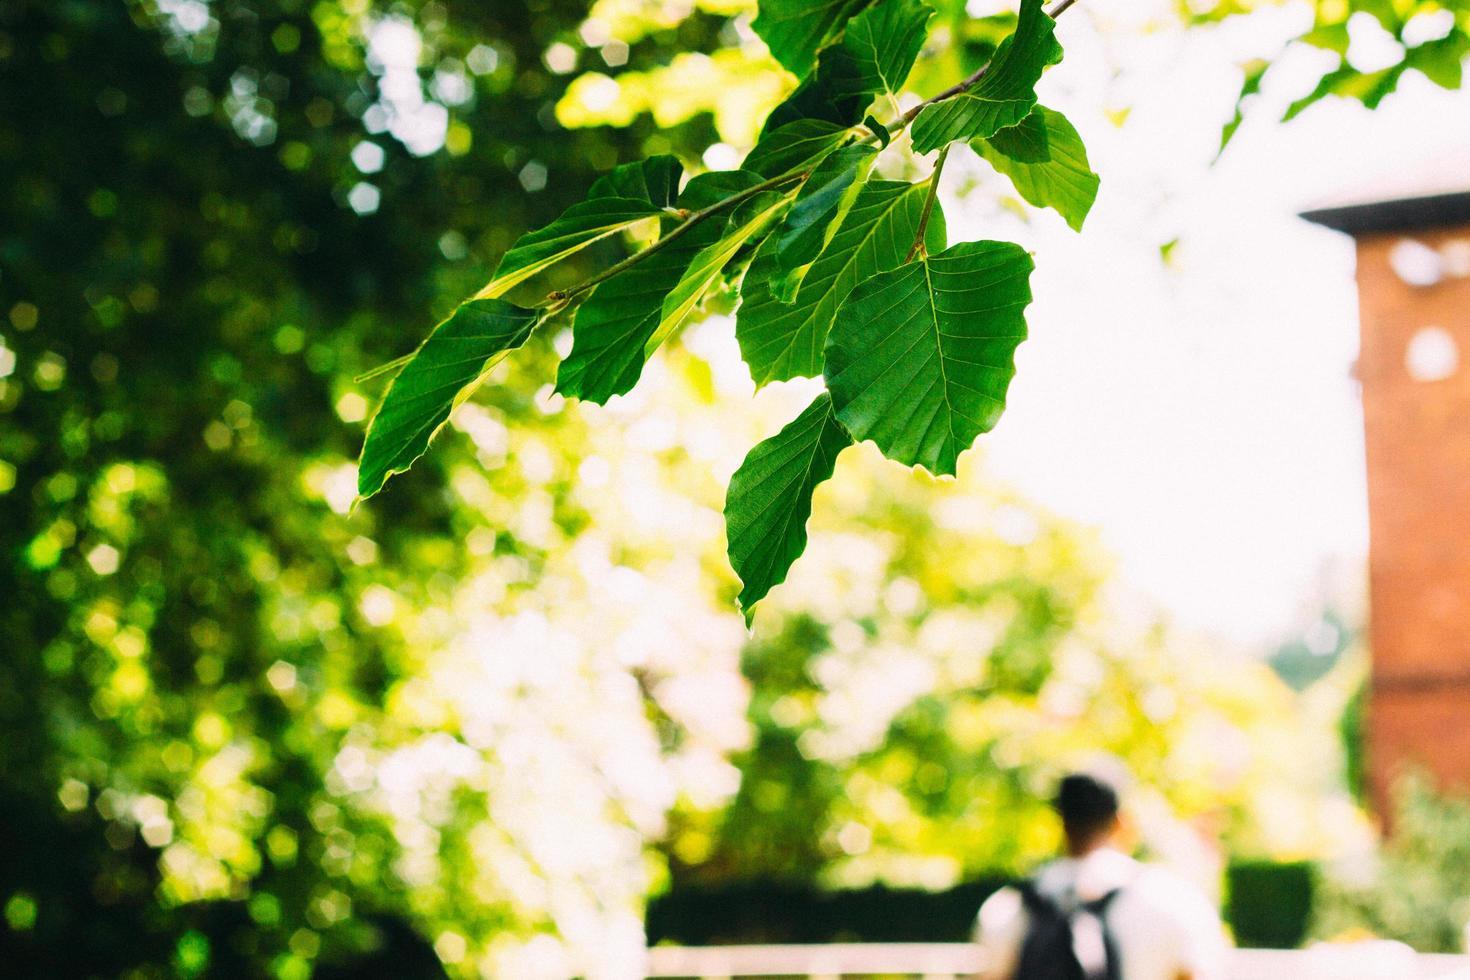 selectieve focus foto van groene bladeren